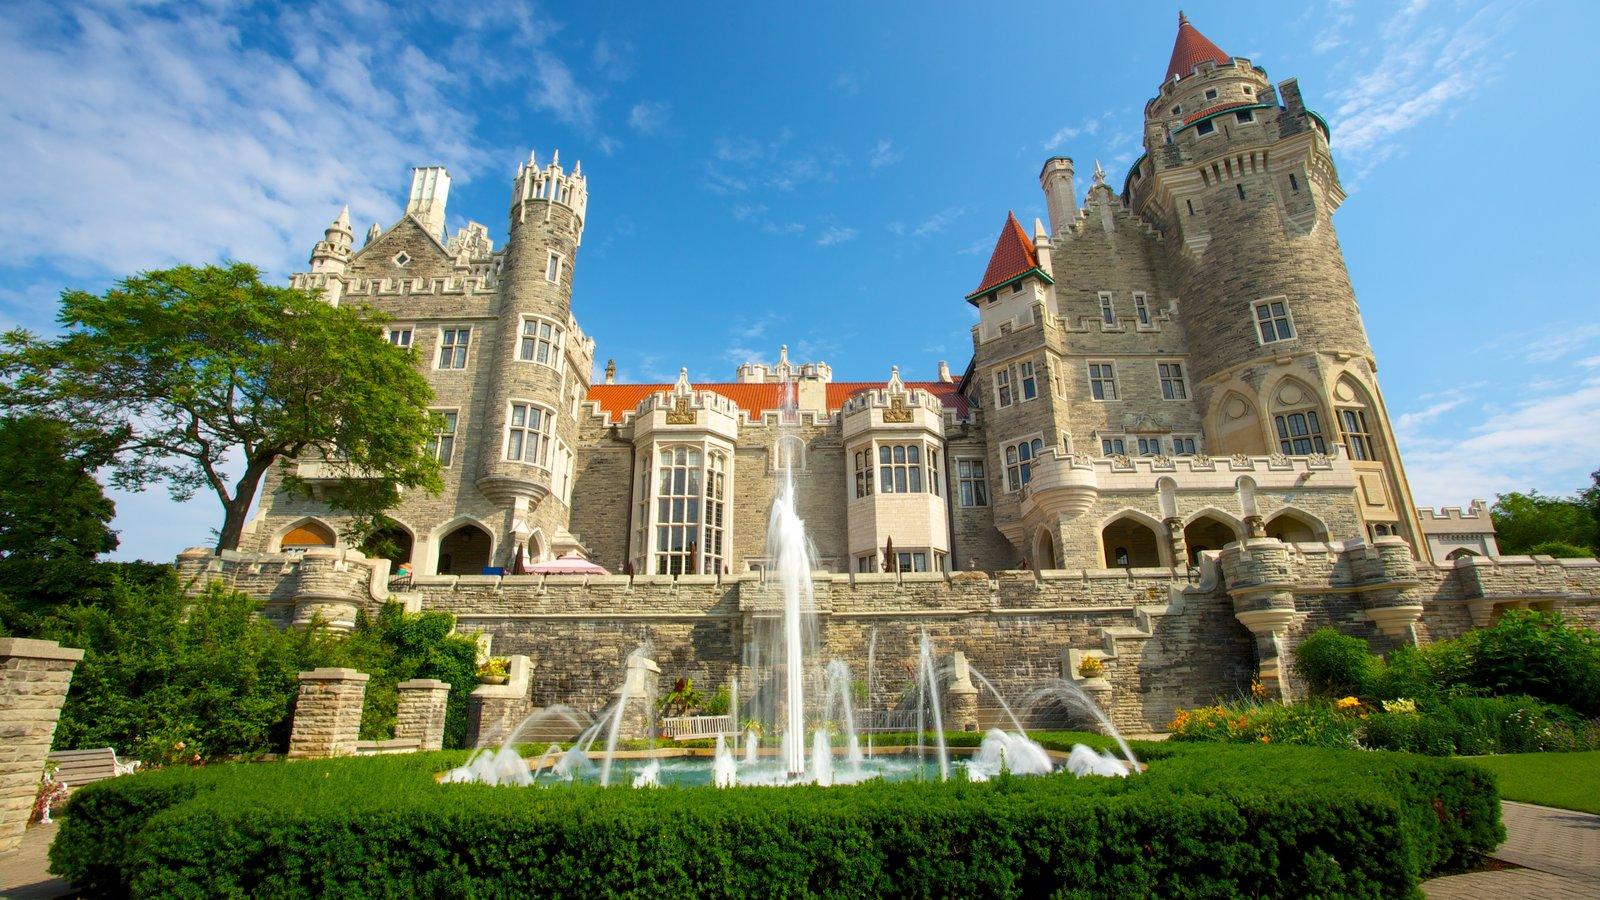 Casa Loma que inclui um castelo, arquitetura de patrimônio e elementos de patrimônio